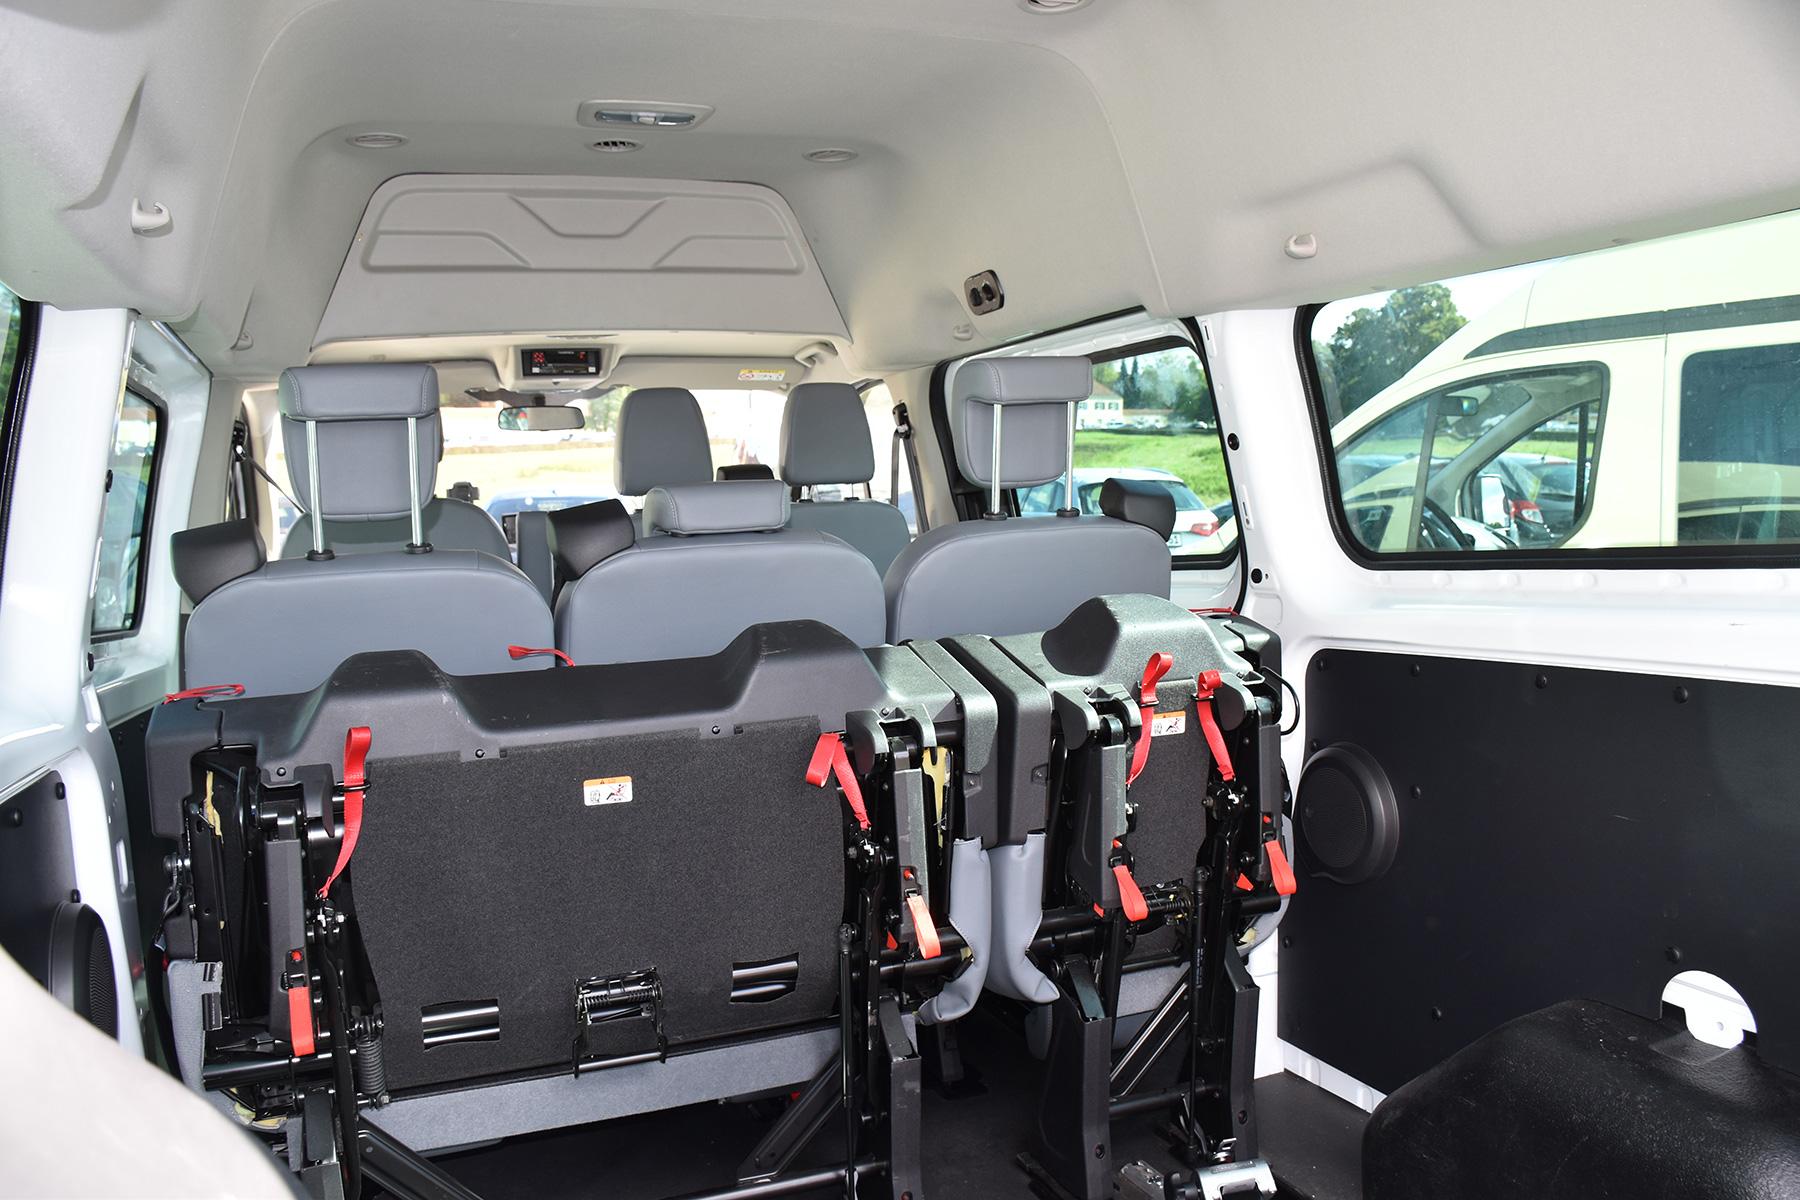 Taxi-Innenraum mit Sicherheitsausstattung für Rollstühle